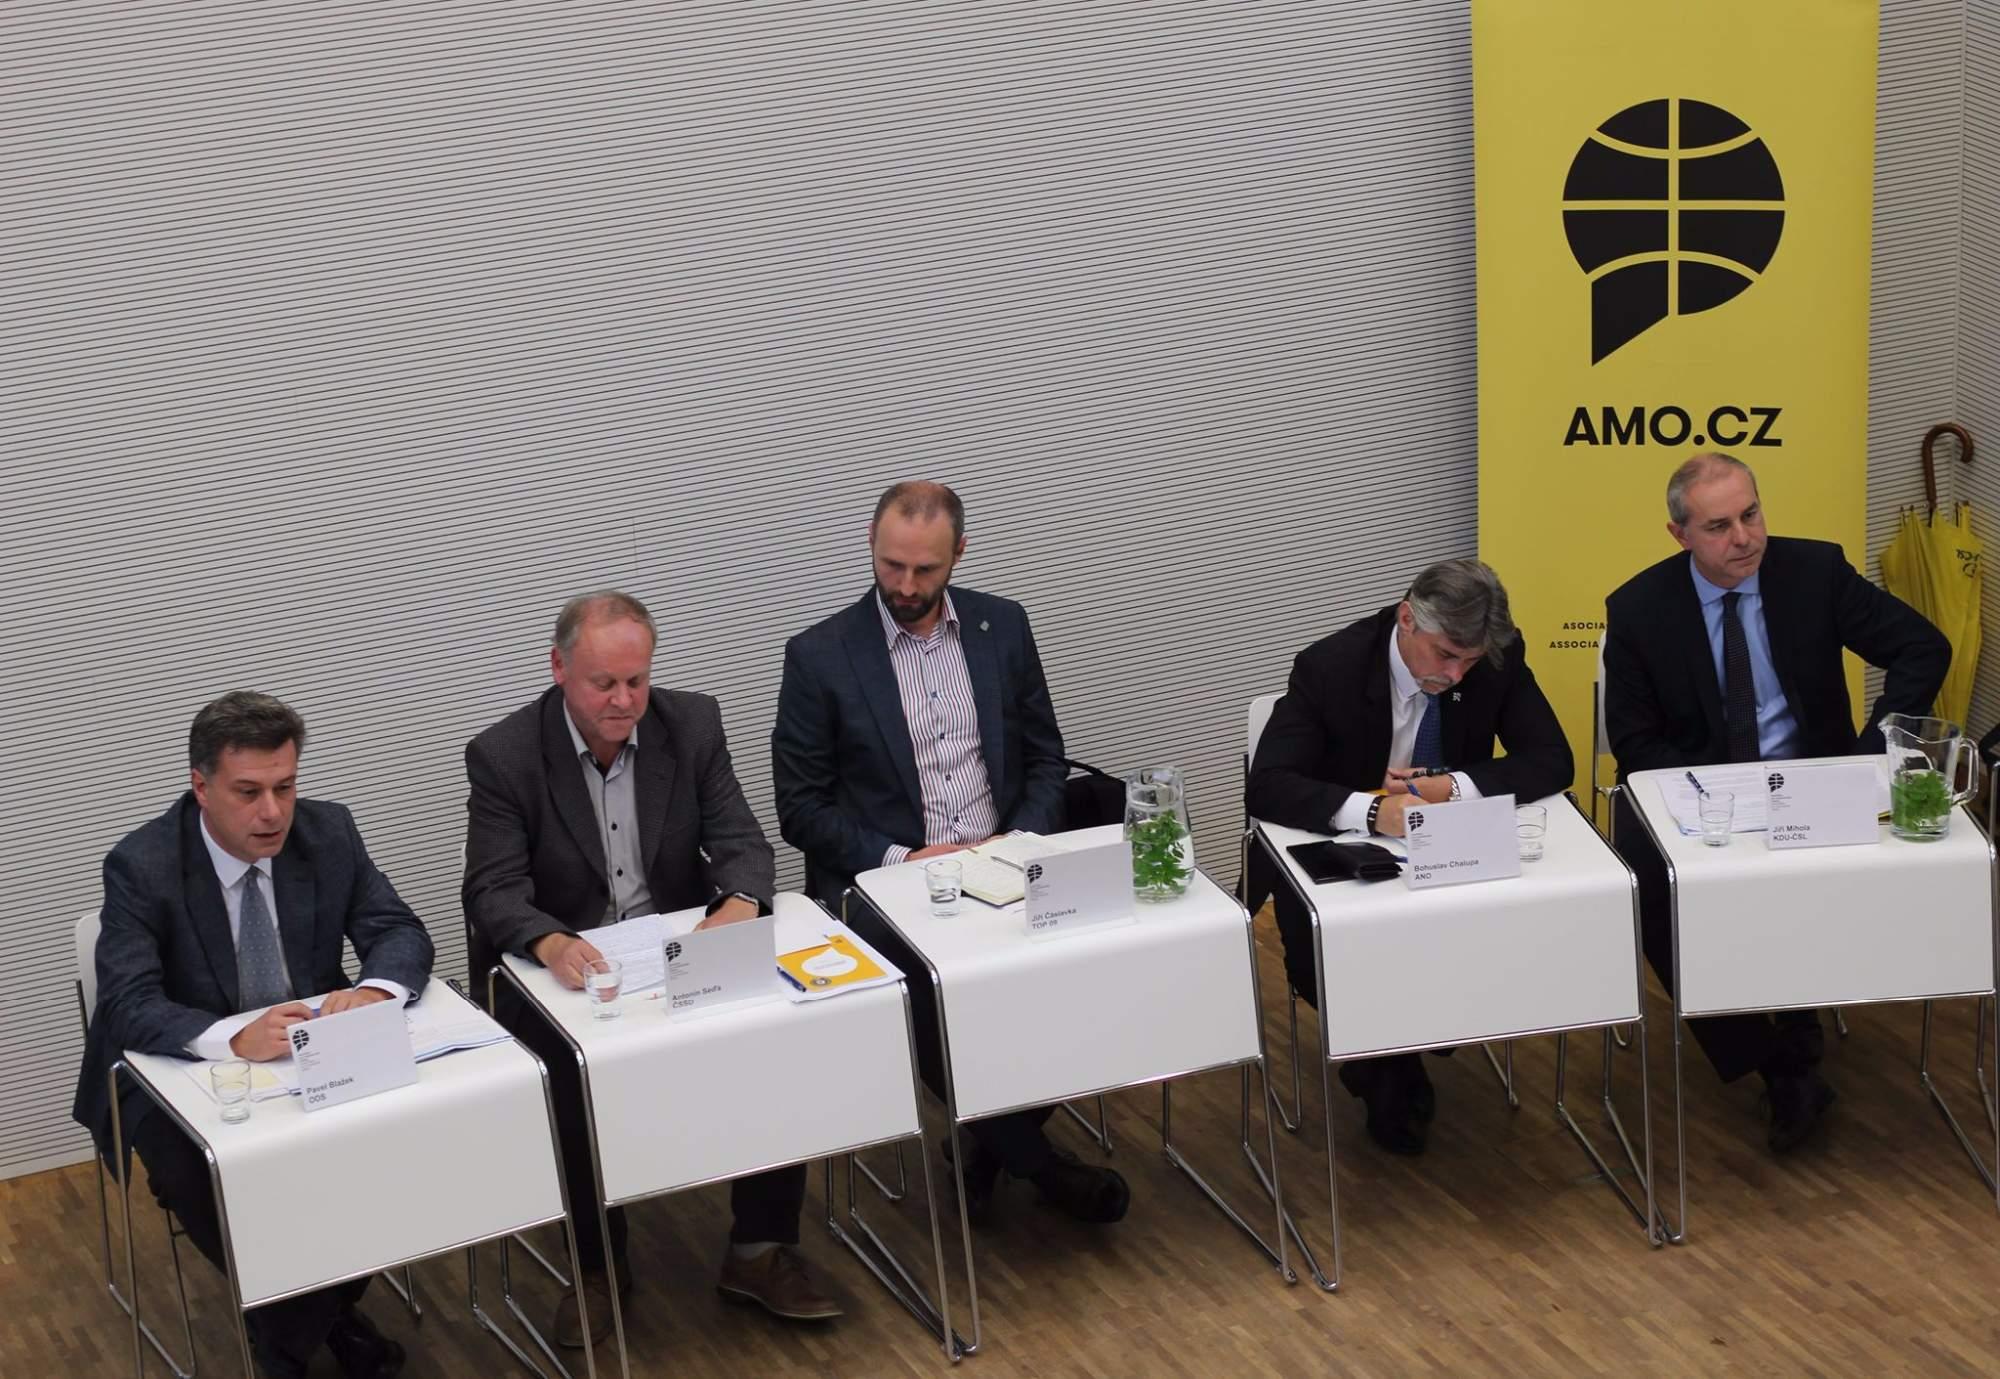 Zleva: Pavel Blažek (ODS), Antonín Seďa (ČSSD), Jiří Čáslavka (TOP 09) Bohuslav Chalupa (ANO), Jiří Mihola (KDU-ČSL)